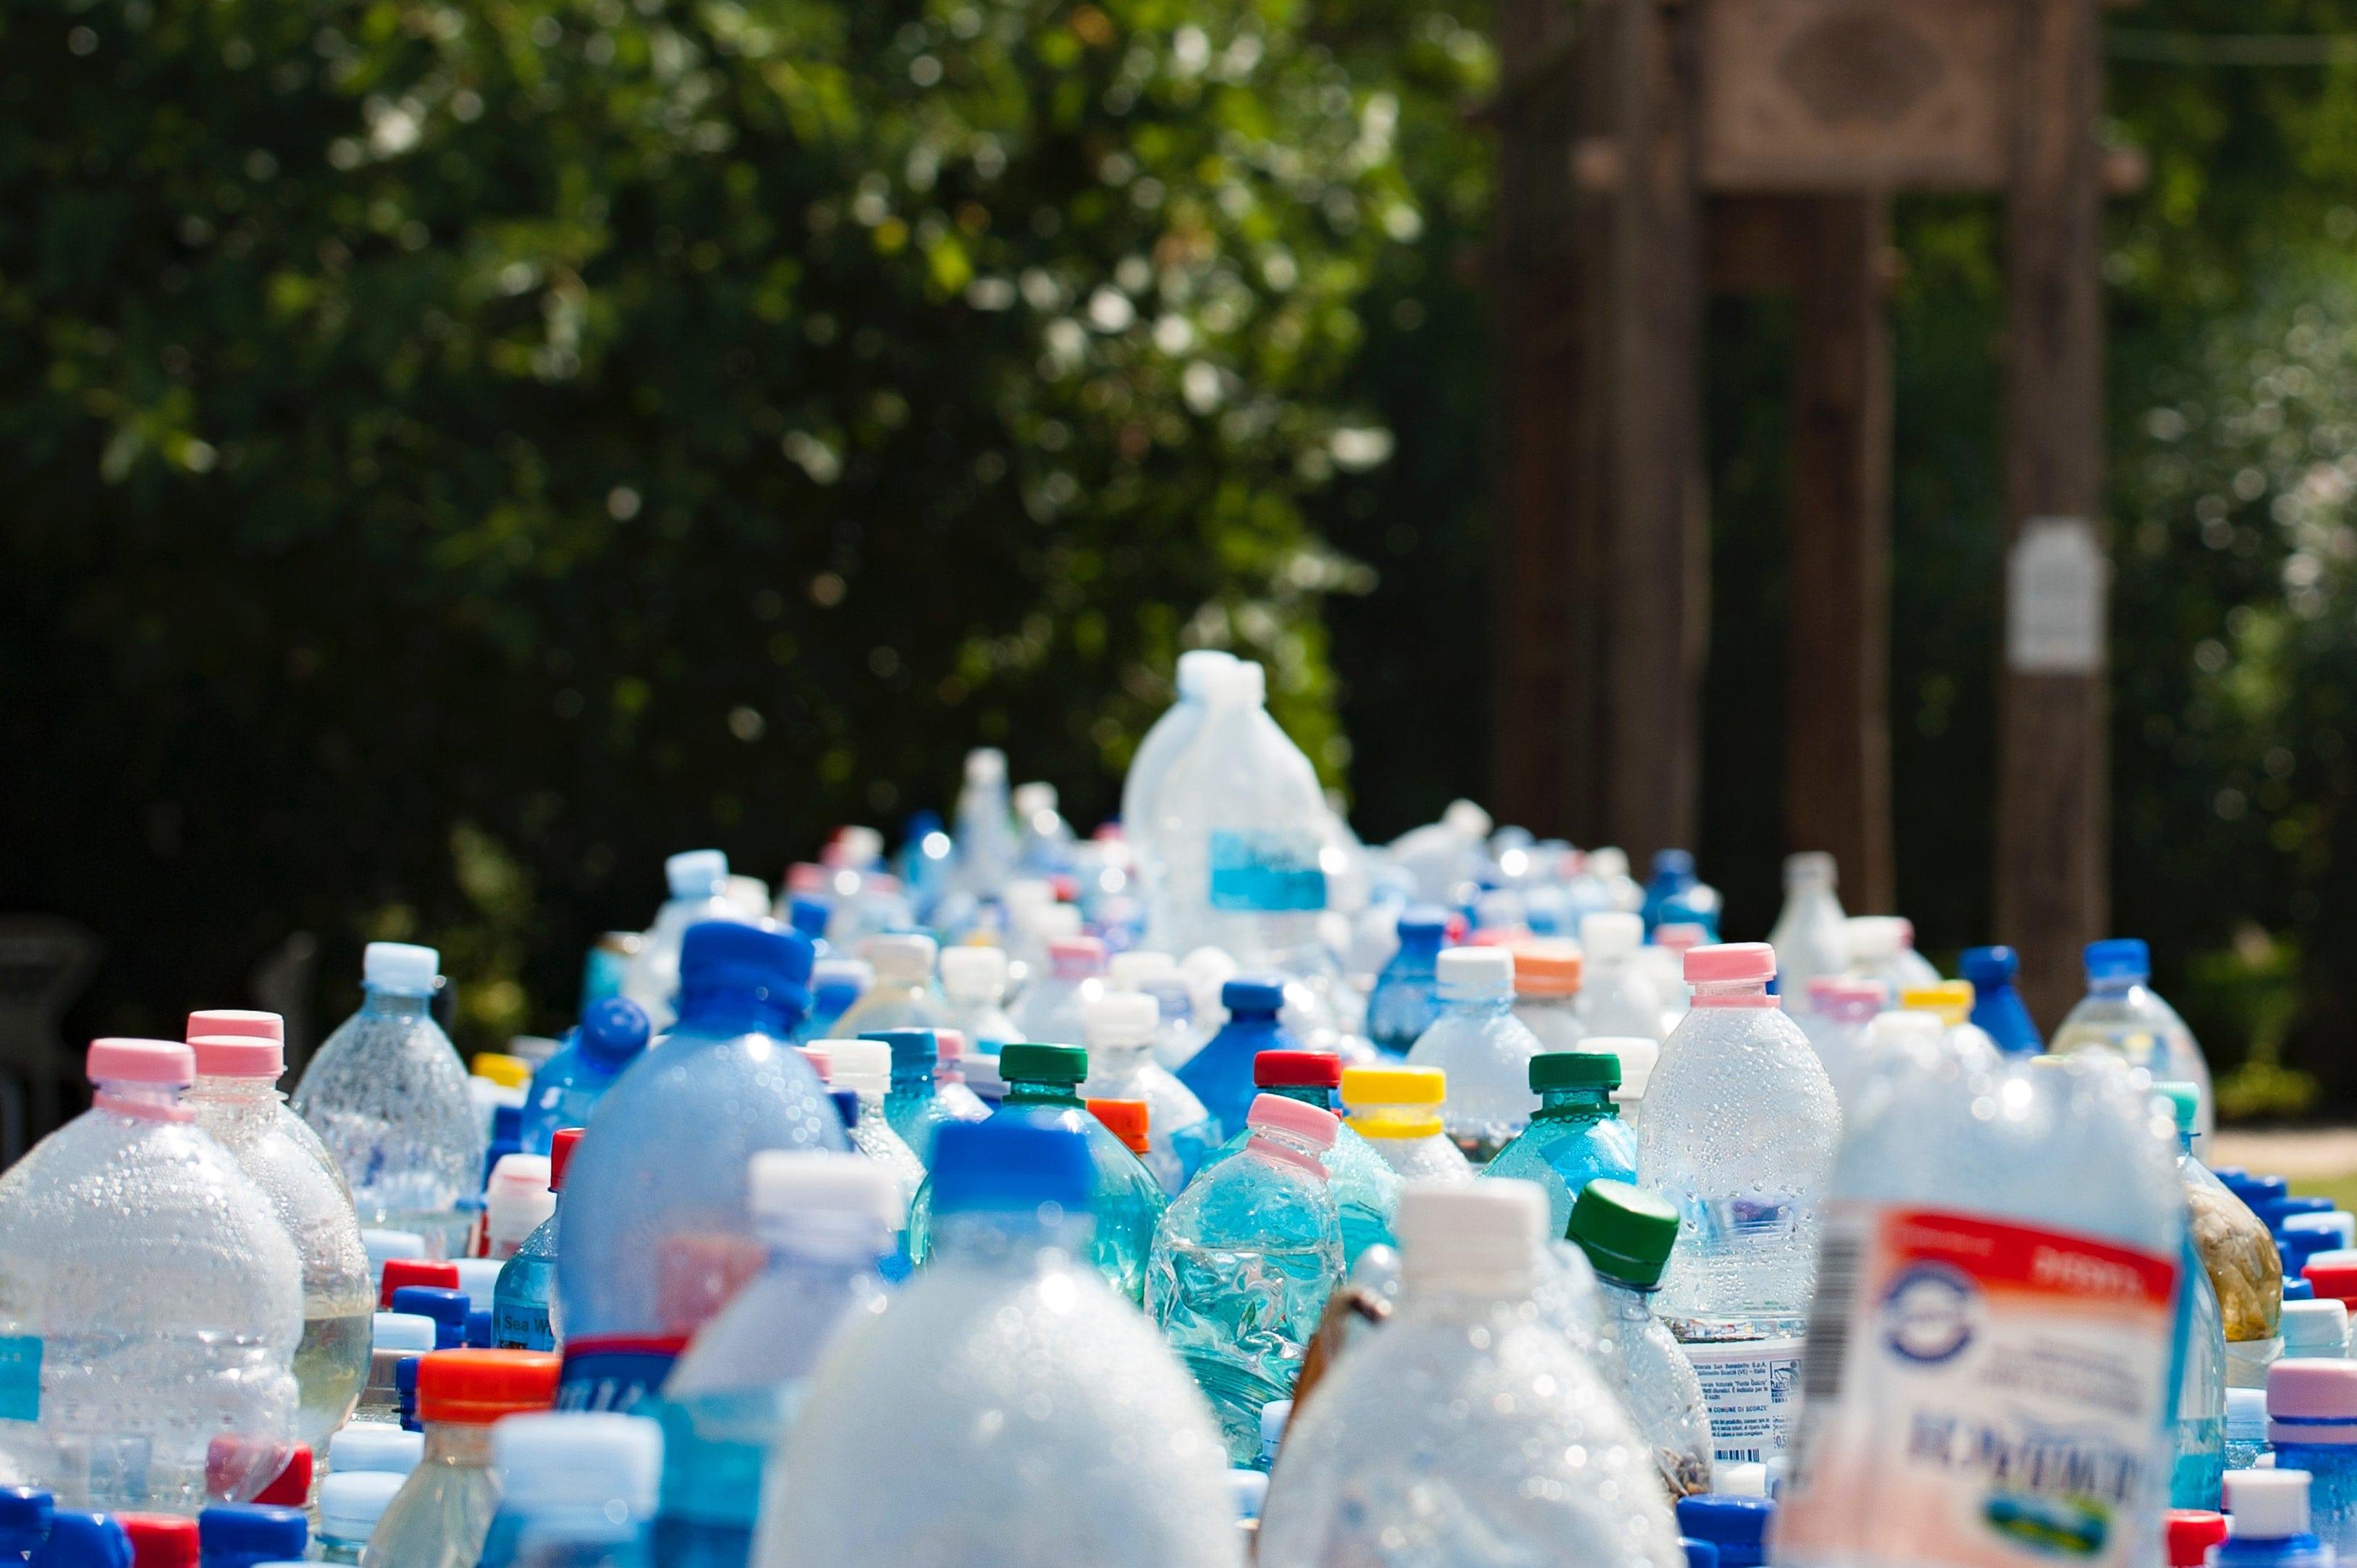 Environnement : le rapport du GIEC